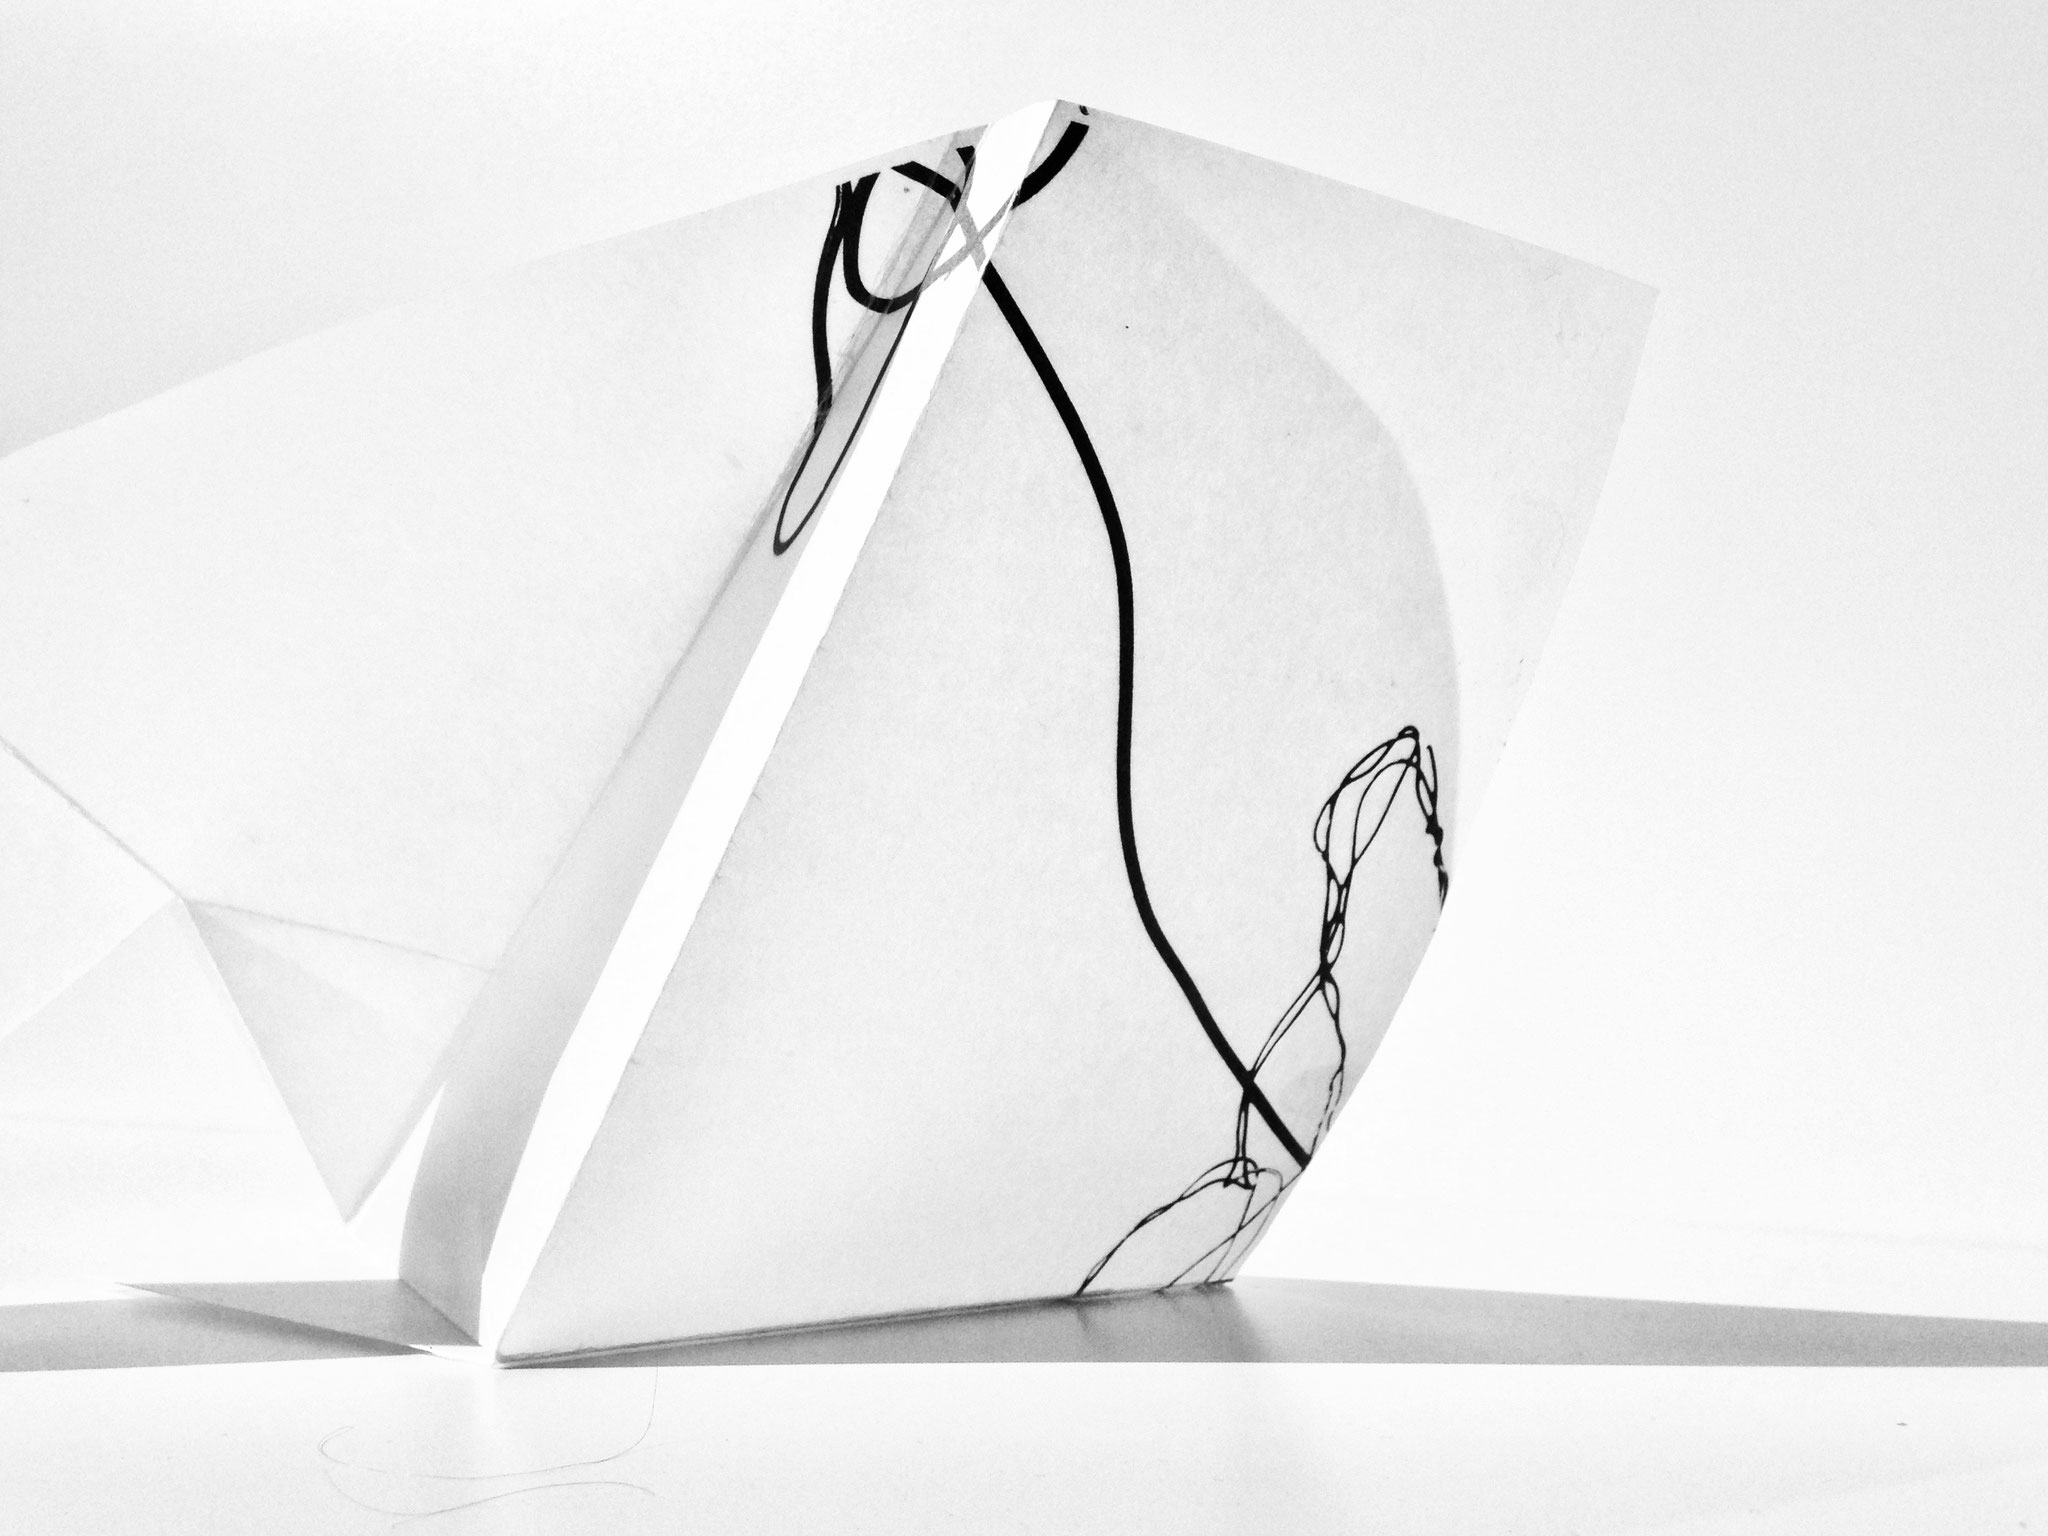 Plastik Nr. 06, Papier, 15x25cm, 2018